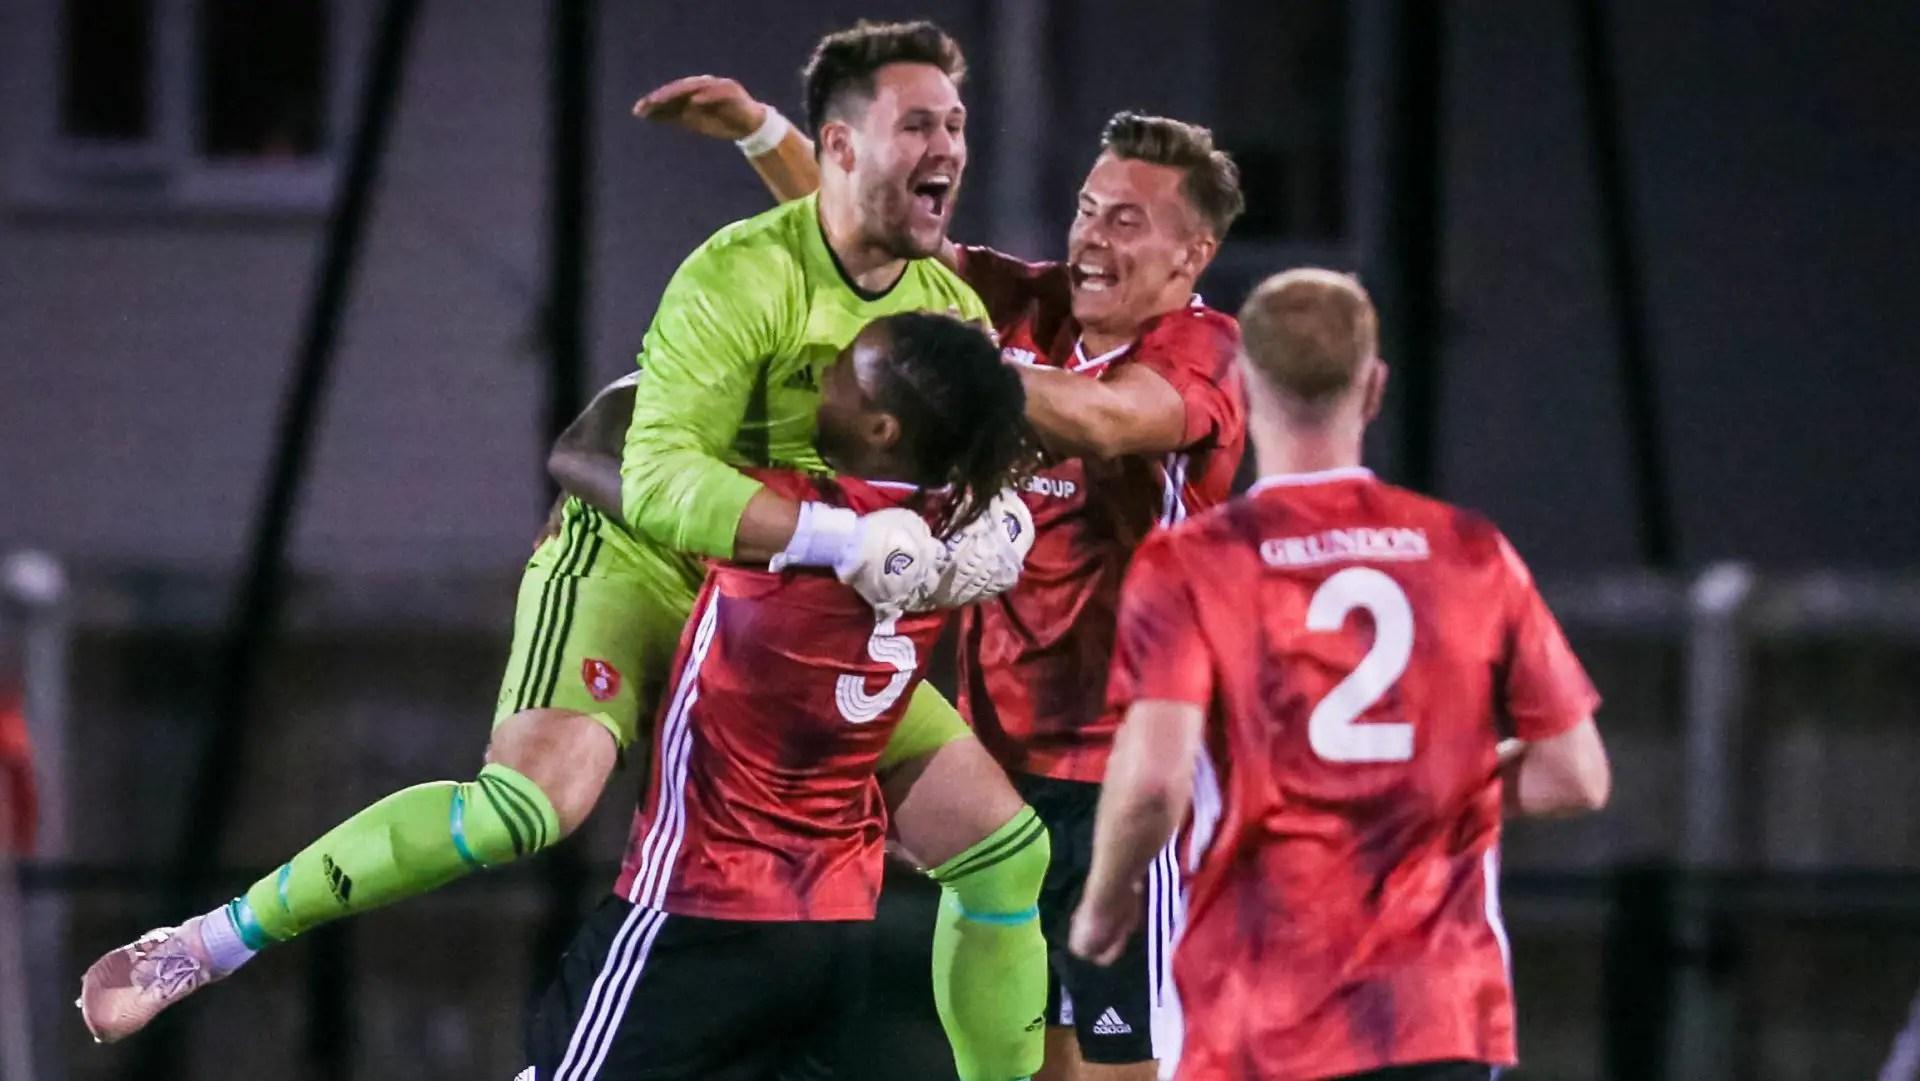 Watch goalkeeper Mark Scott score for Bracknell Town